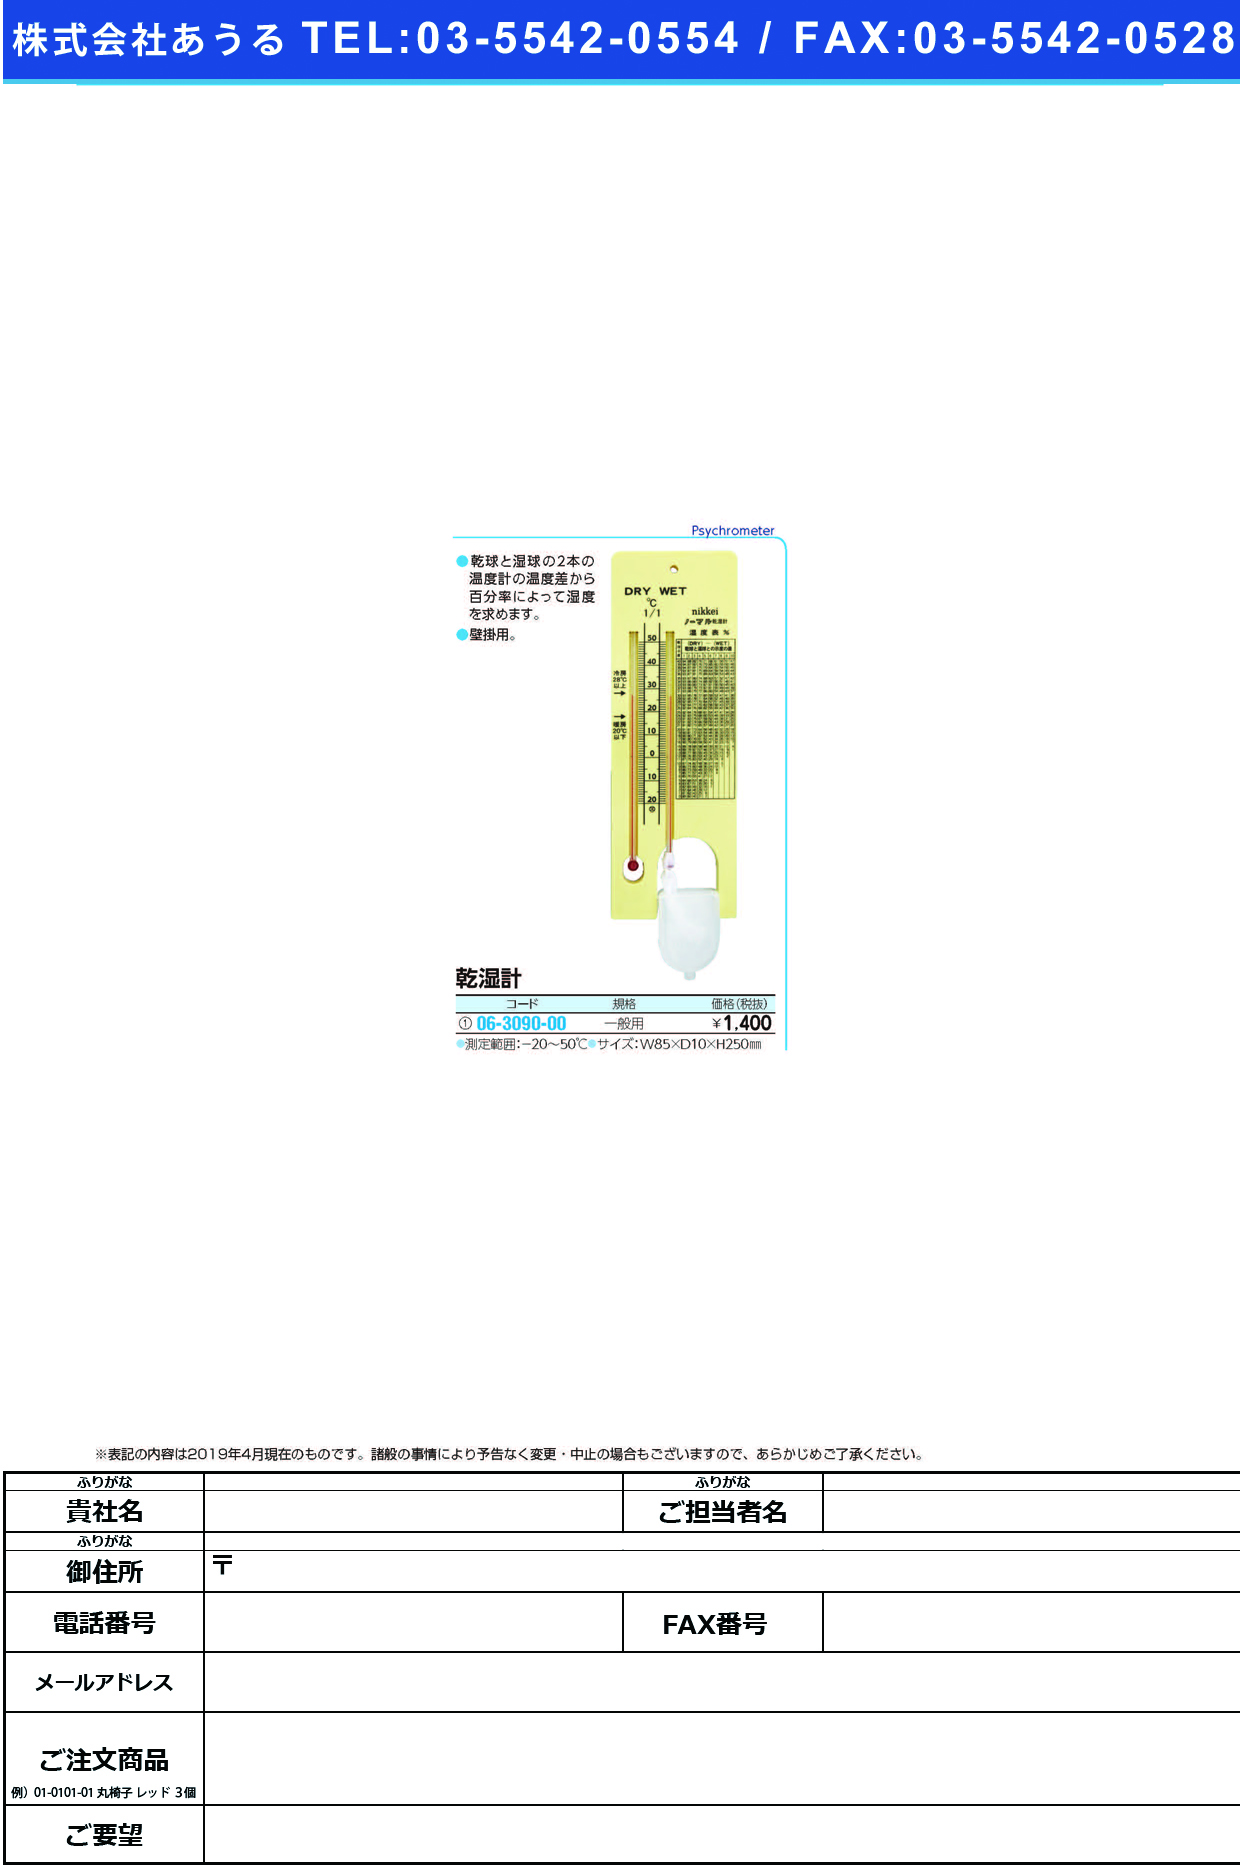 (06-3090-00)乾湿計(一般用) -20-50゚C カンシツケイ【1個単位】【2019年カタログ商品】